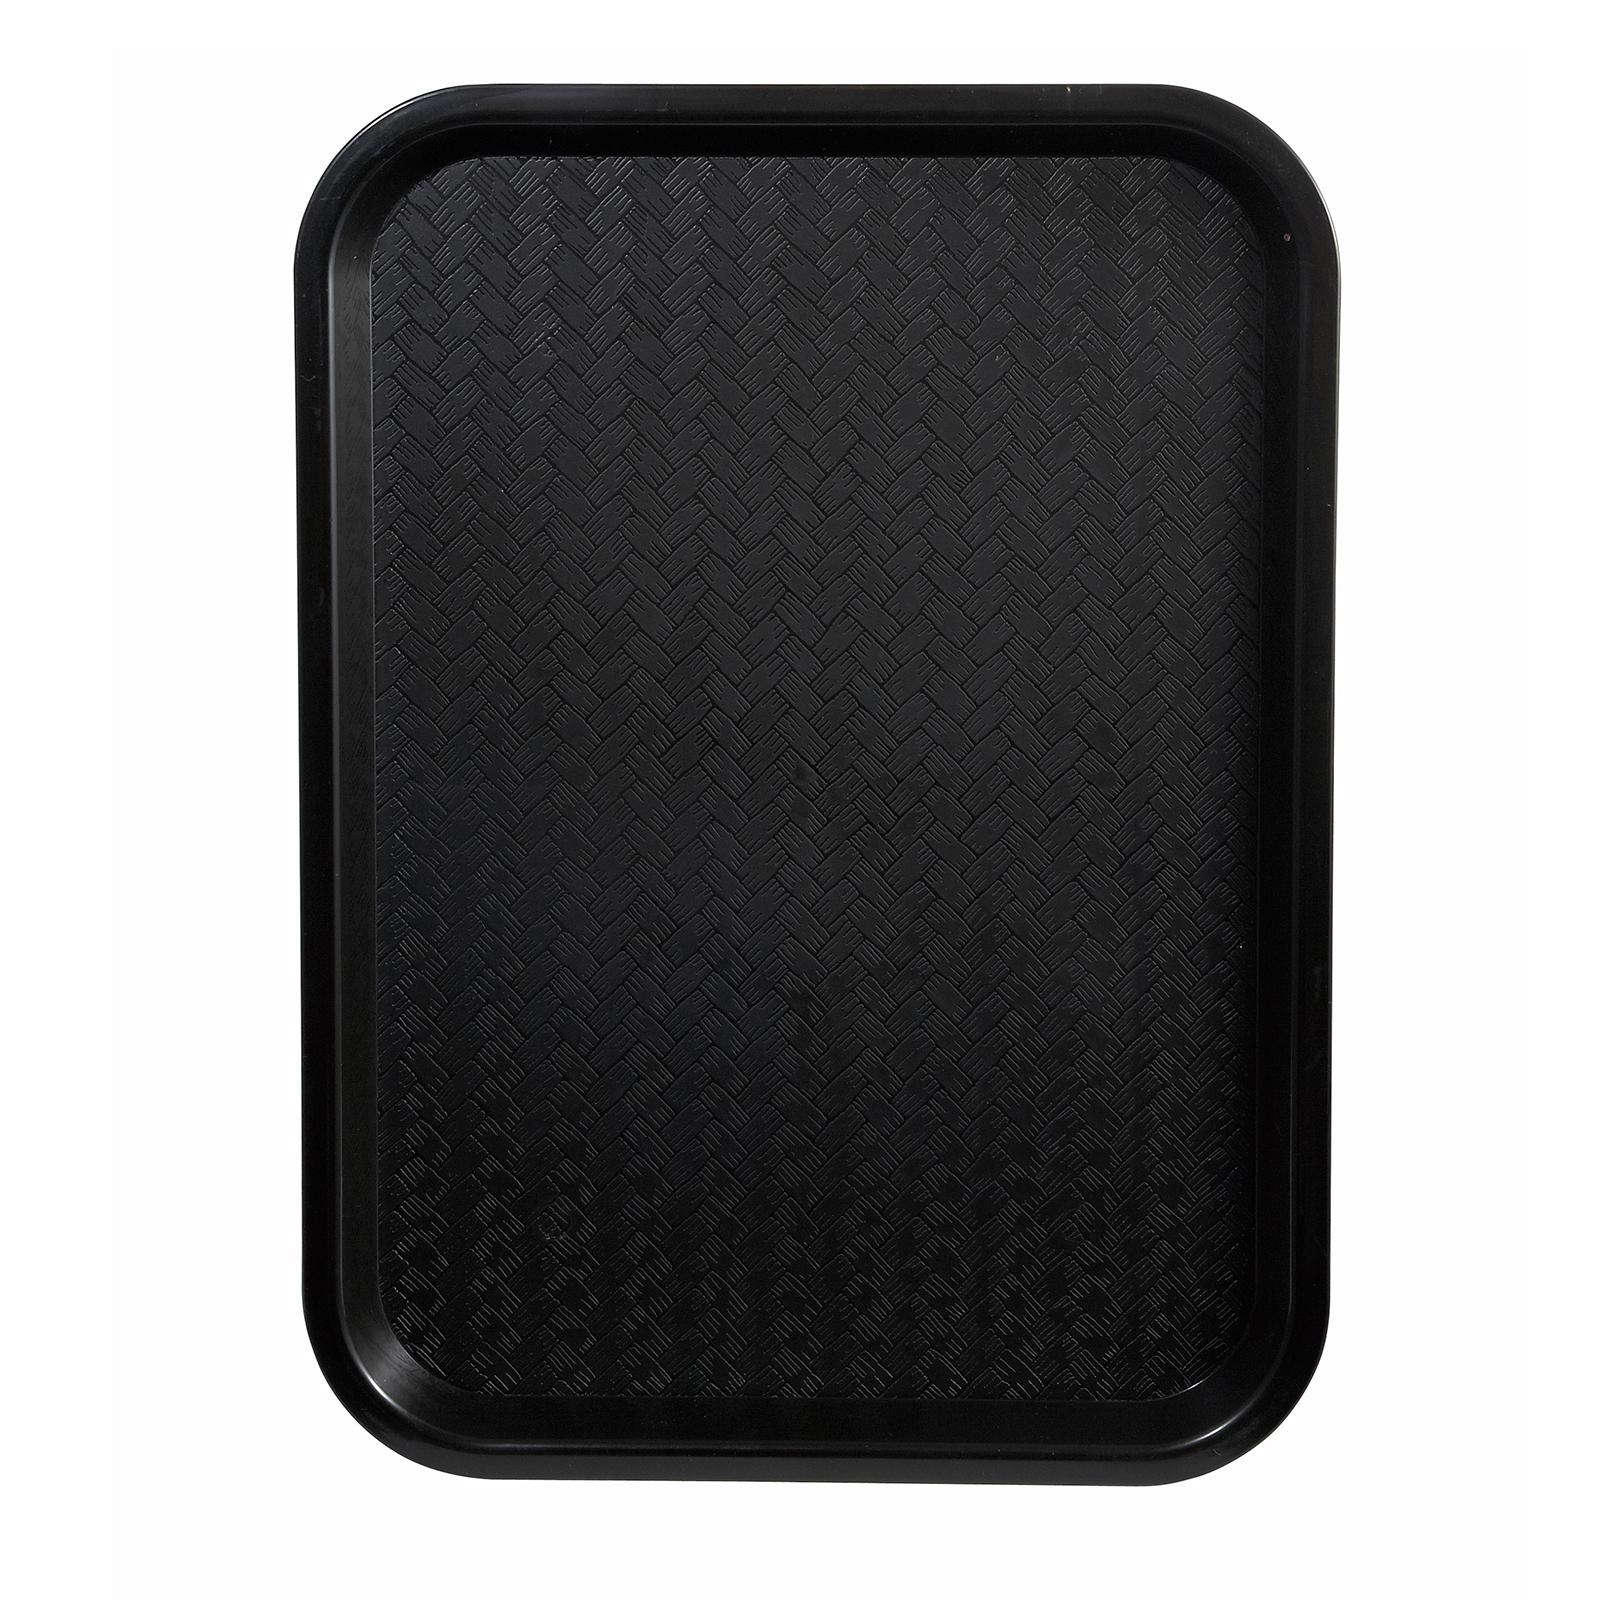 Winco FFT-1216K tray, fast food